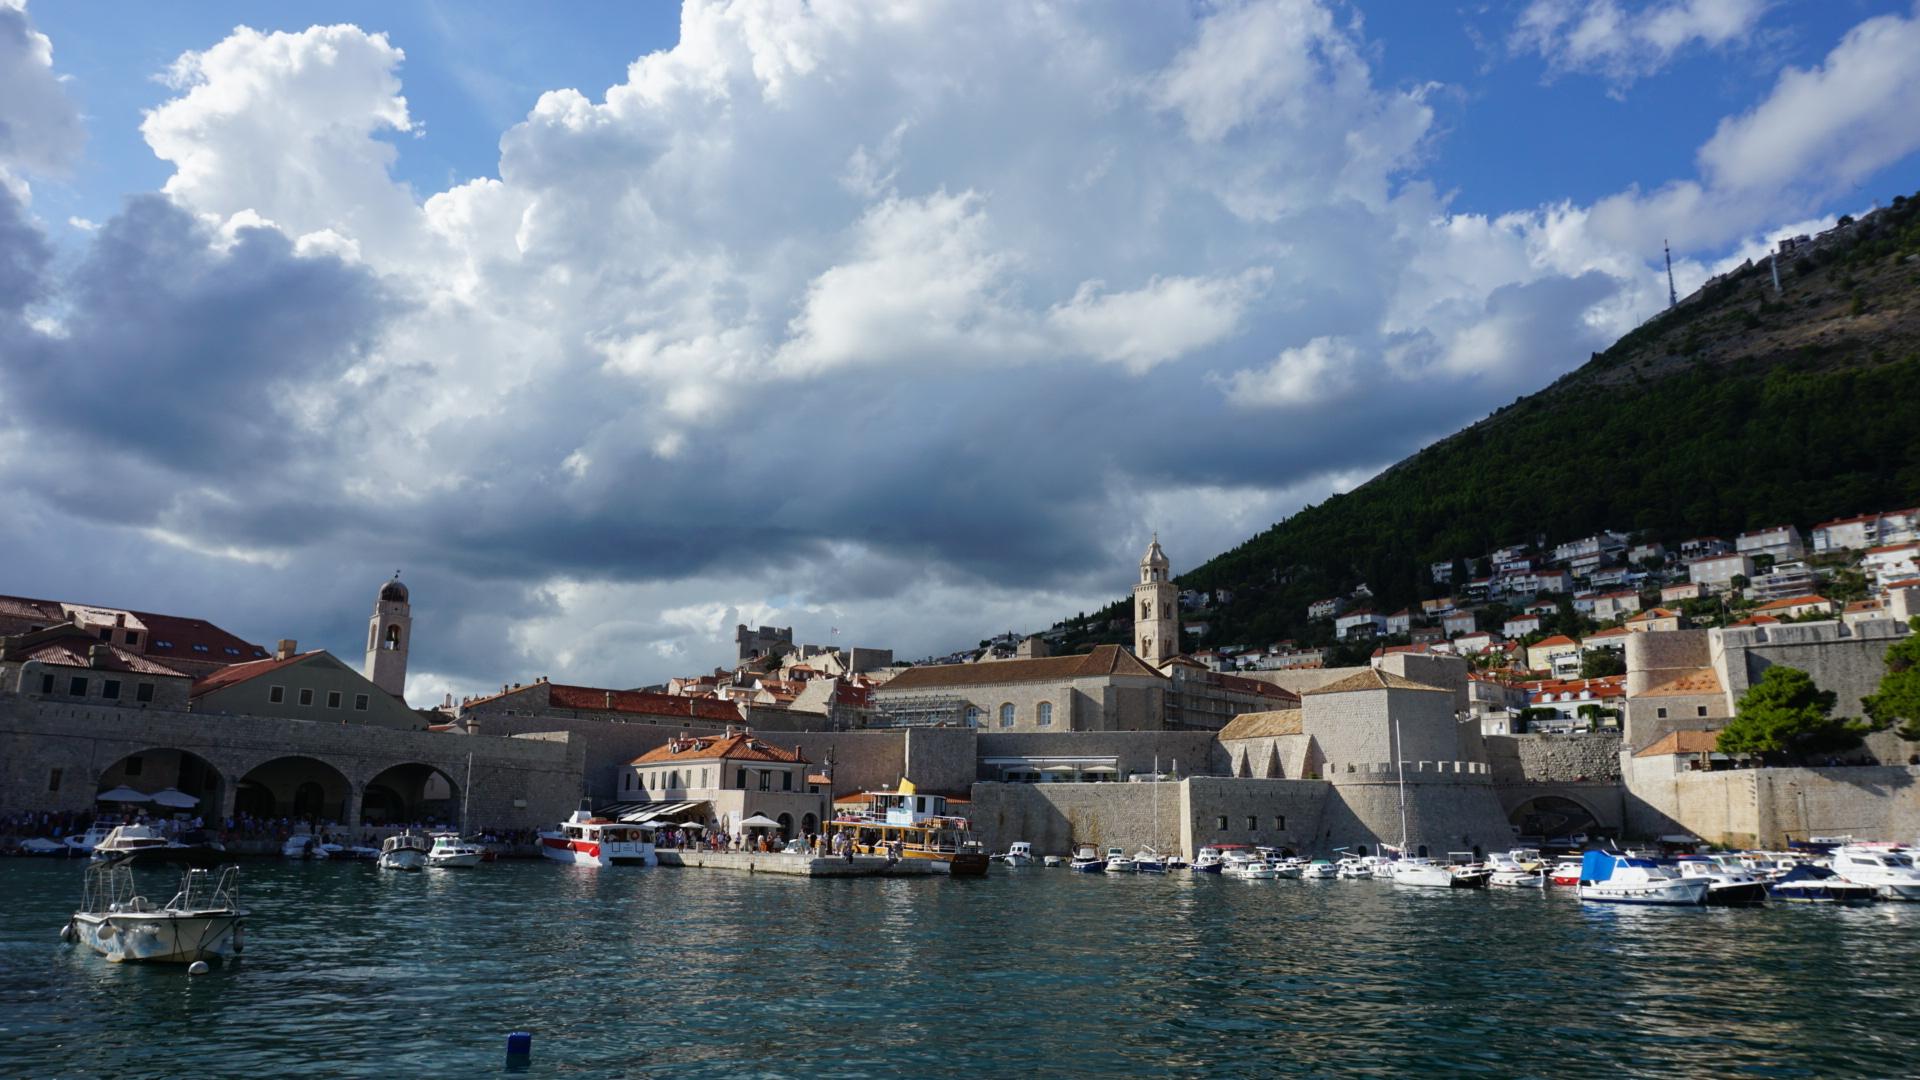 Vista de Dubrovnik desde el barco